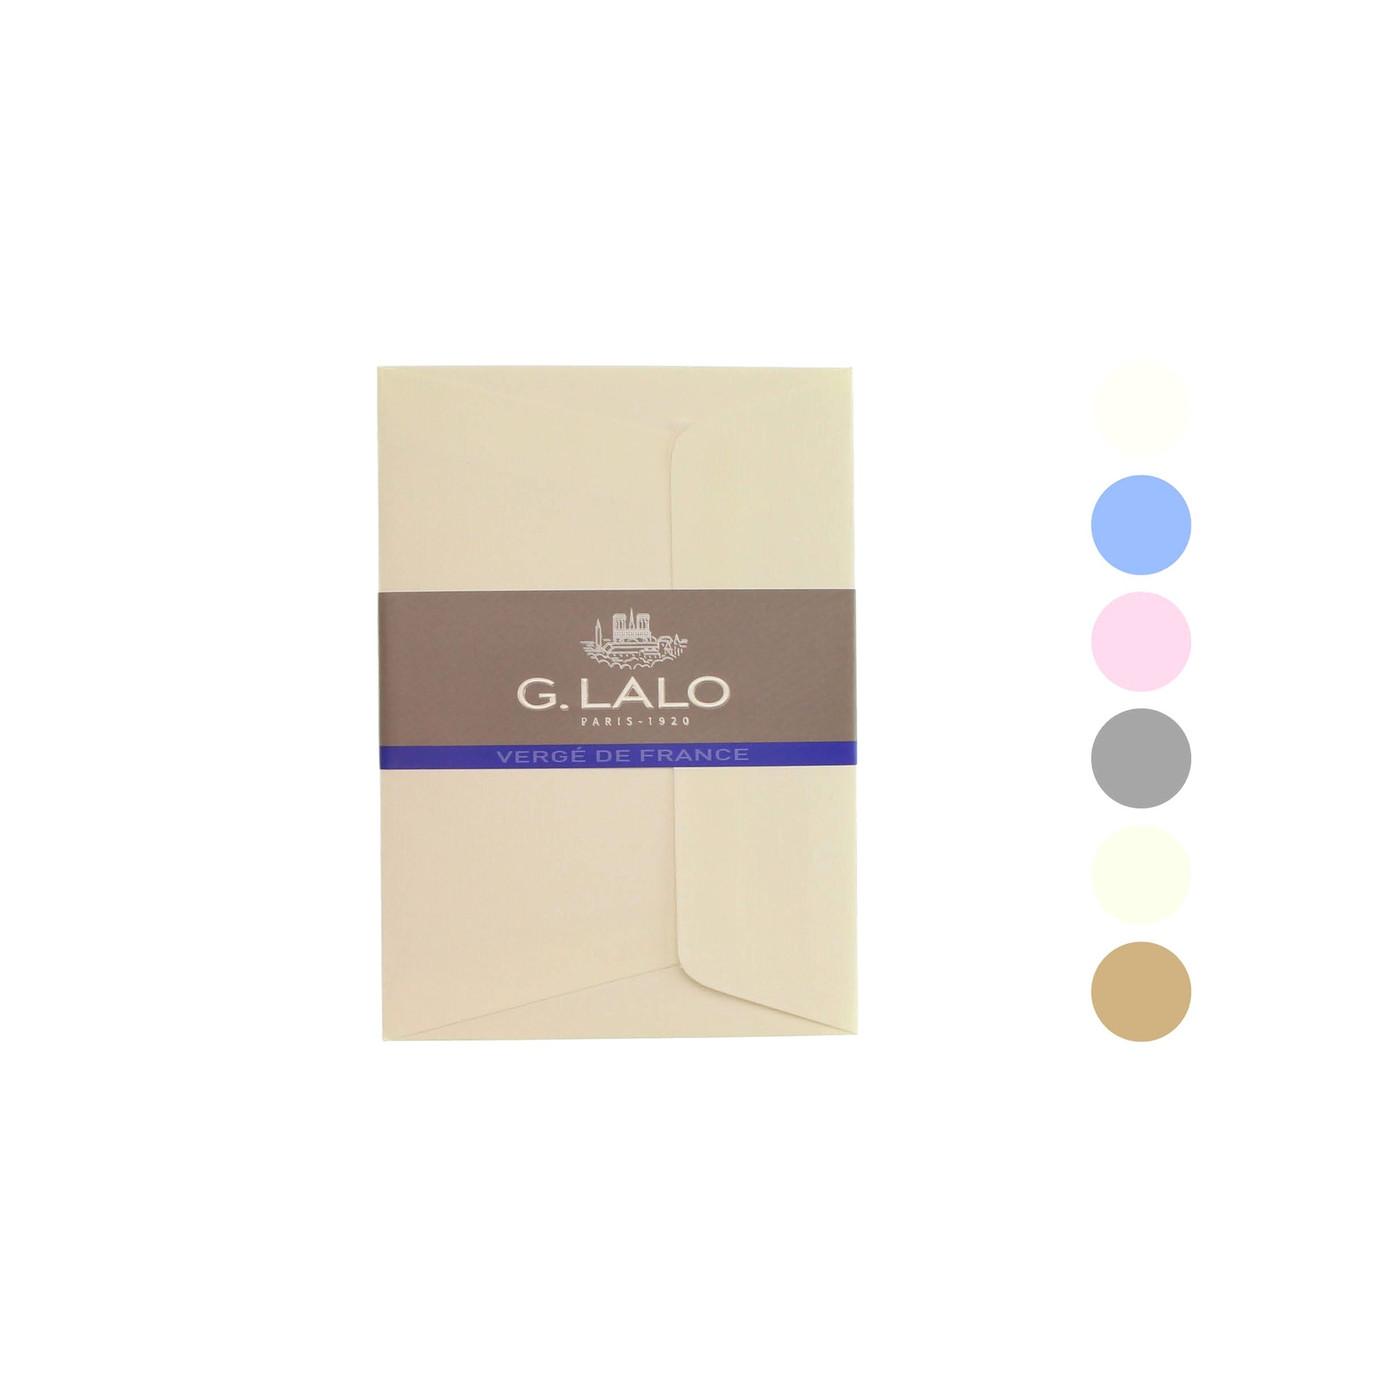 G Lalo Verge de France envelopes - C6